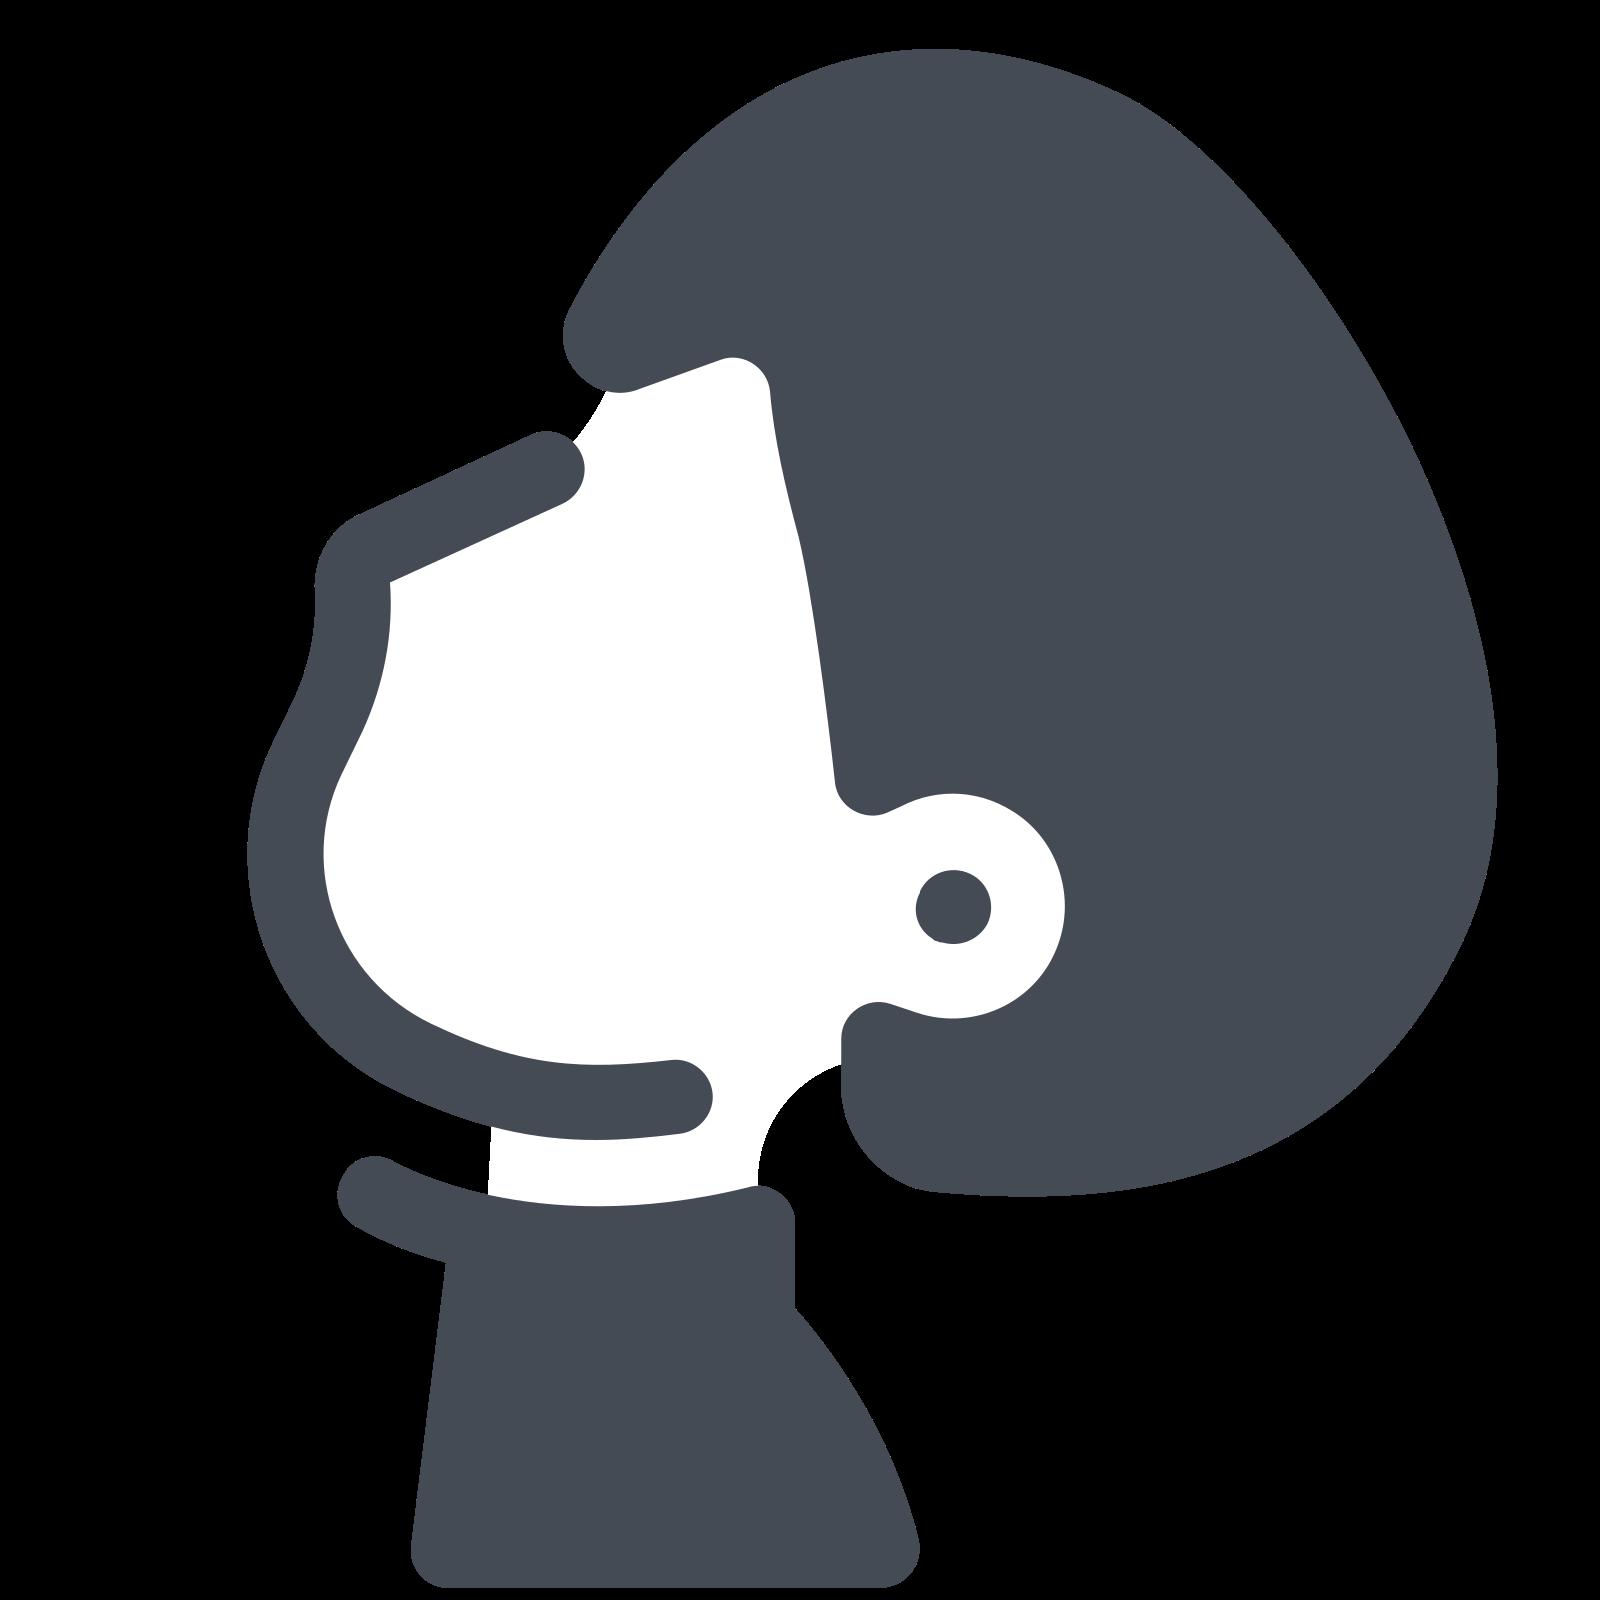 Profile Face icon